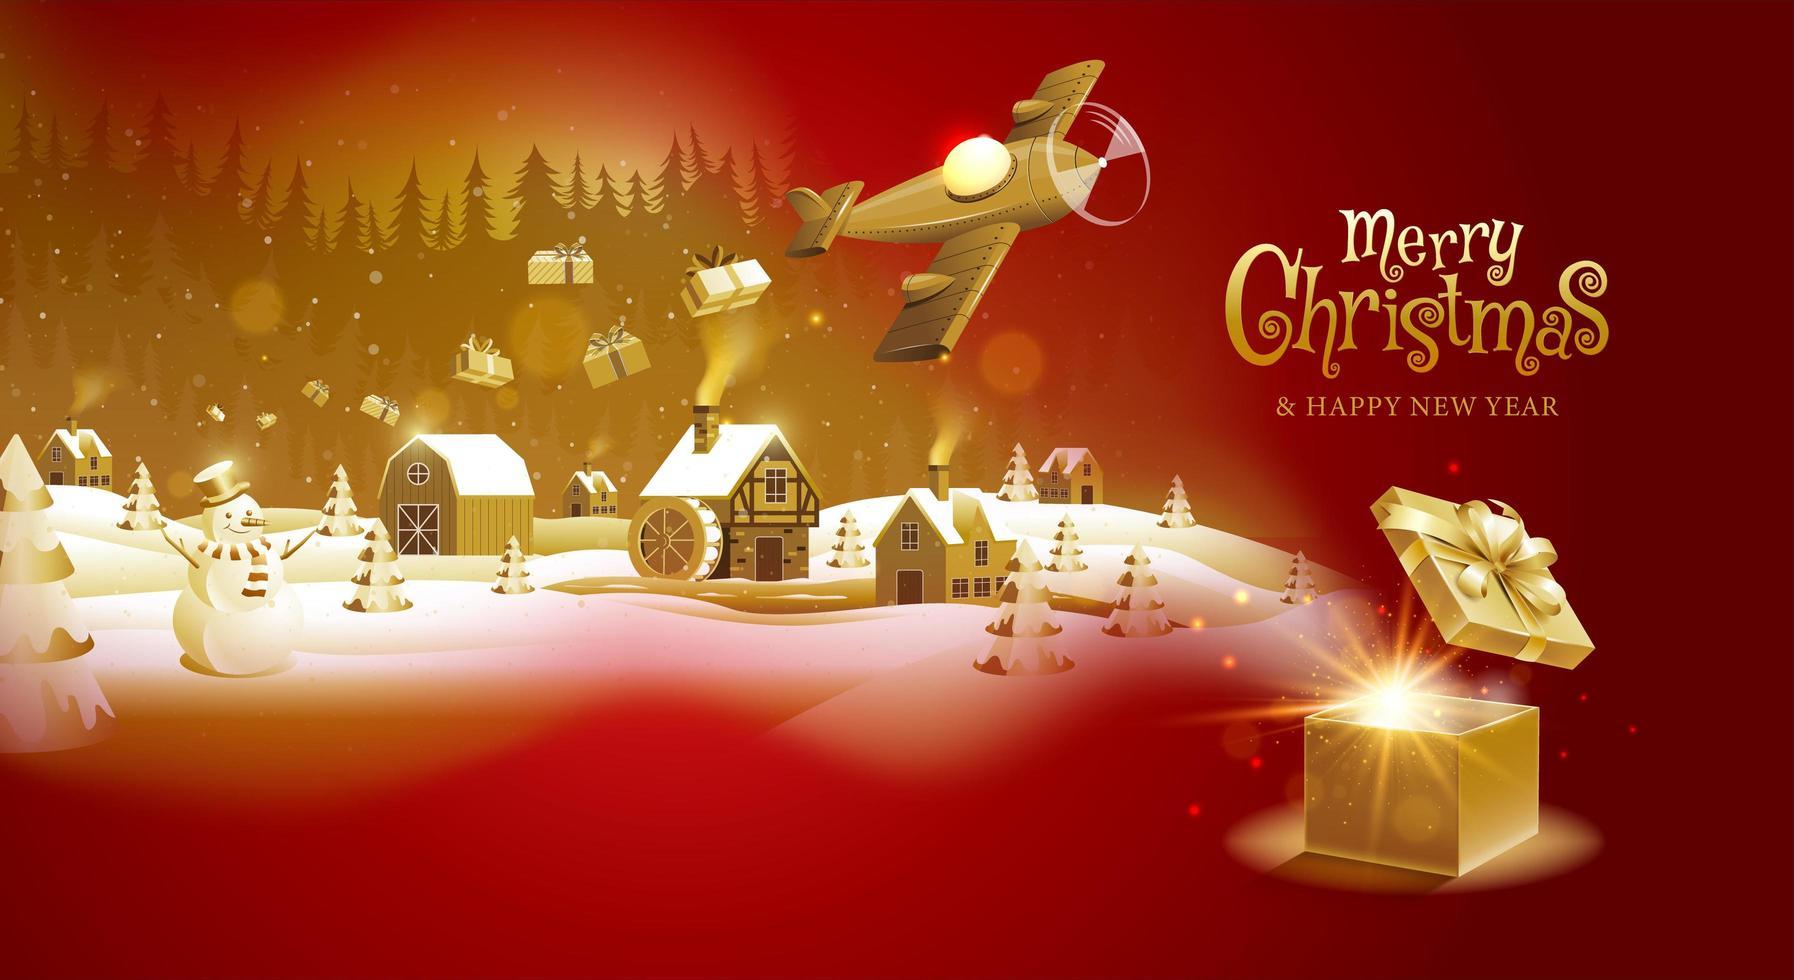 rood en goud kerst ontwerp met vliegtuig geschenken laten vallen vector